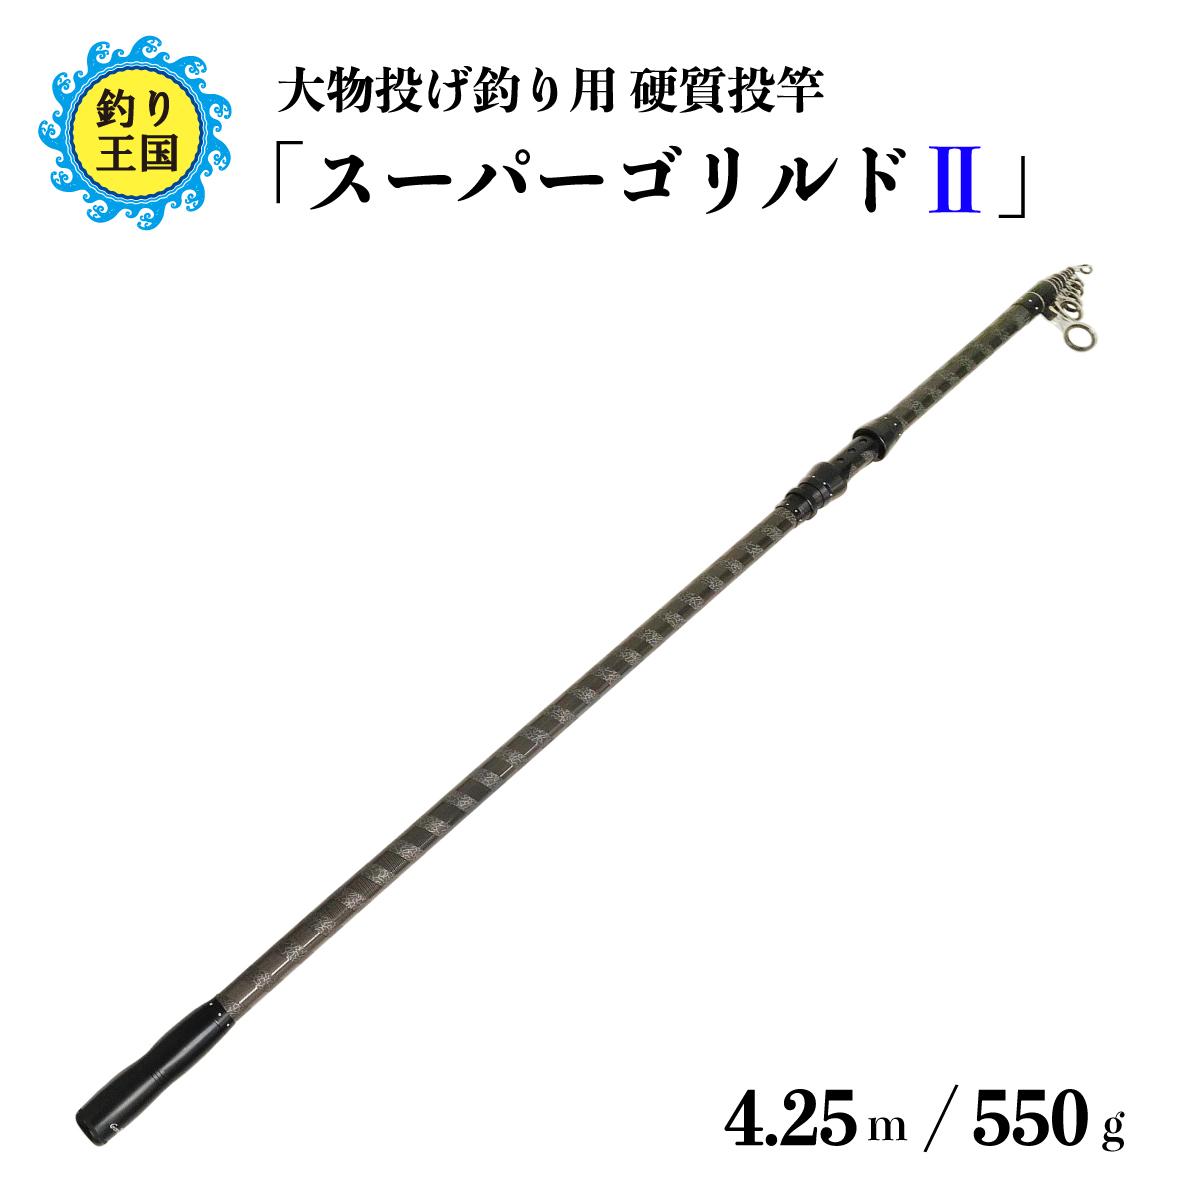 オルルド釣具 硬質投竿 スーパーゴリルドII 40号 振出式 ロッド 竿 スピニングリール用 竿袋付